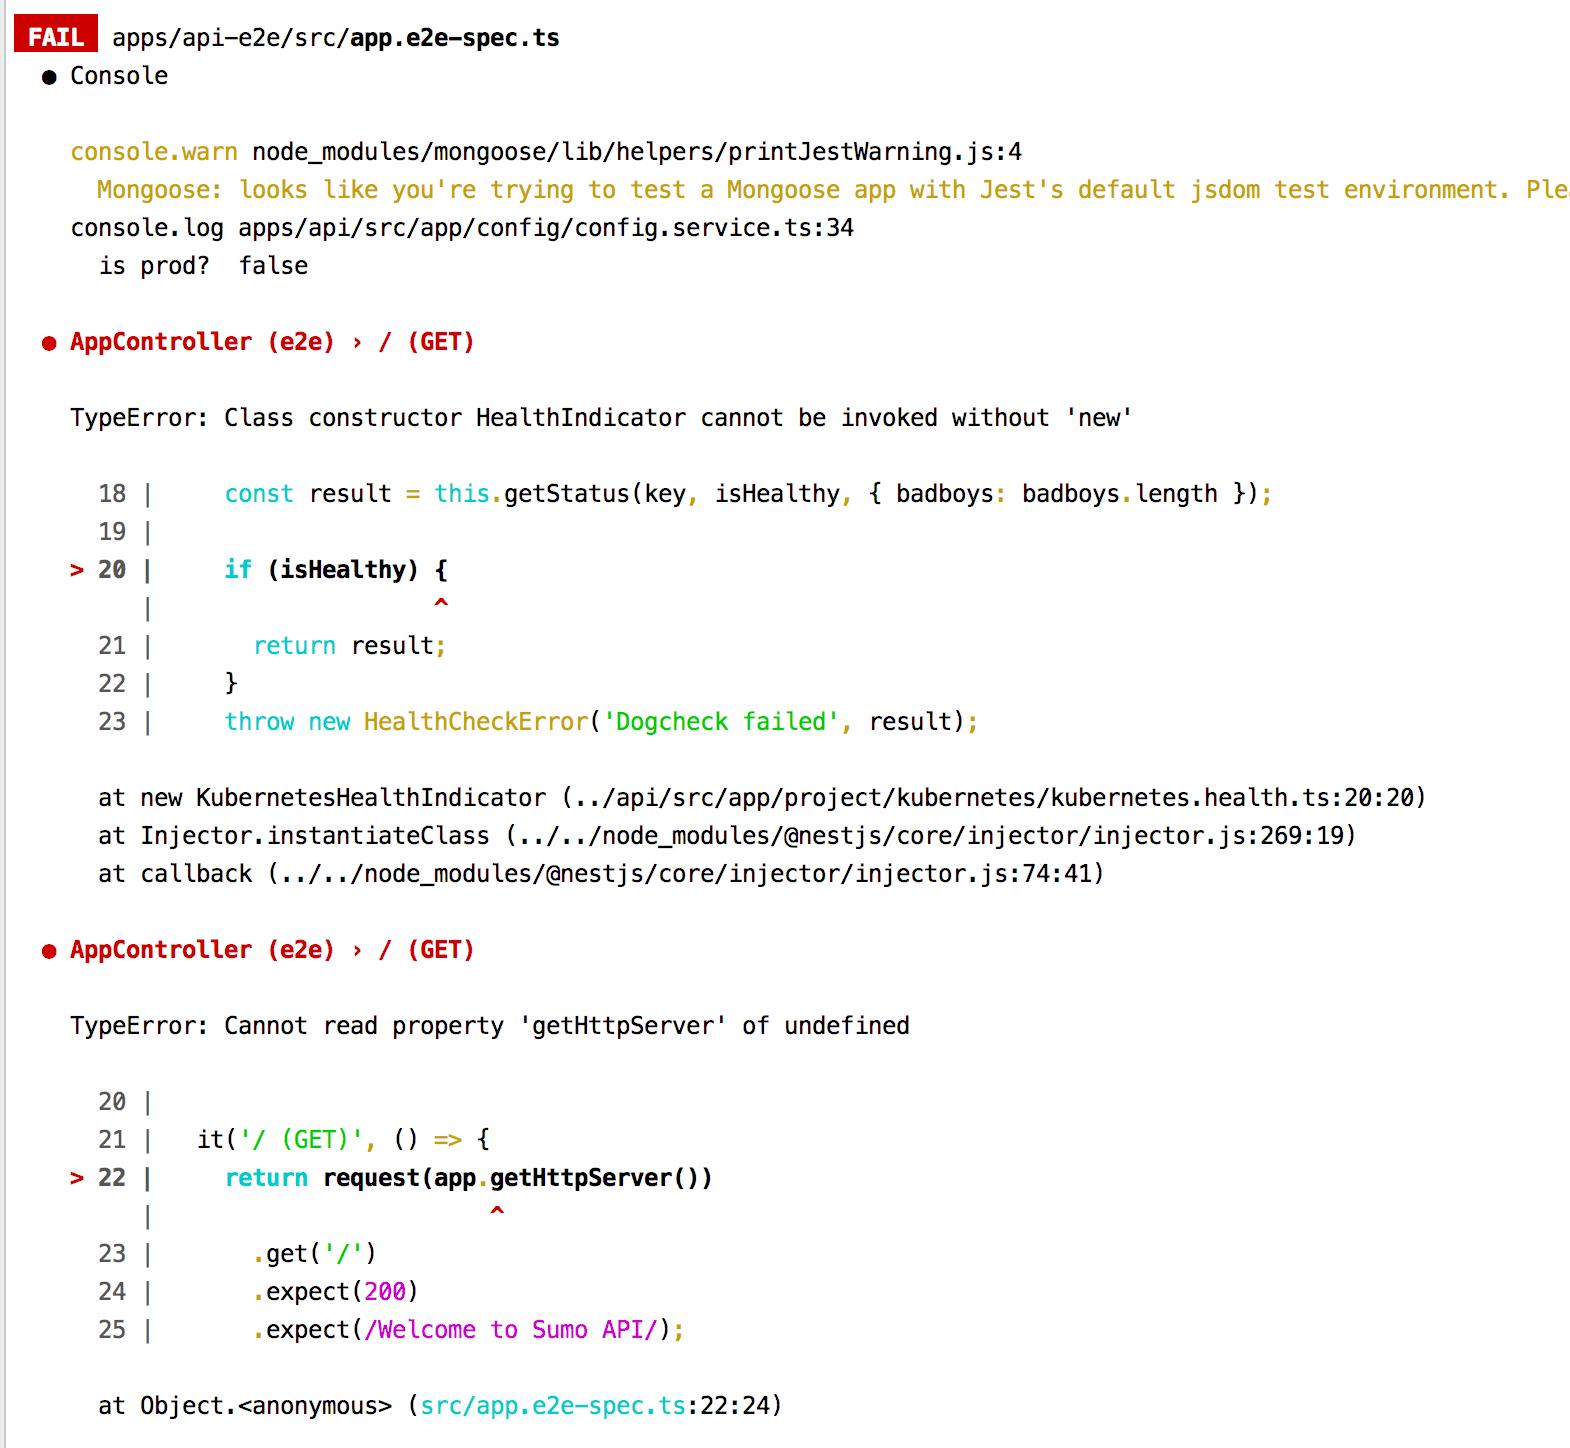 integration tests error: TypeError: Class constructor